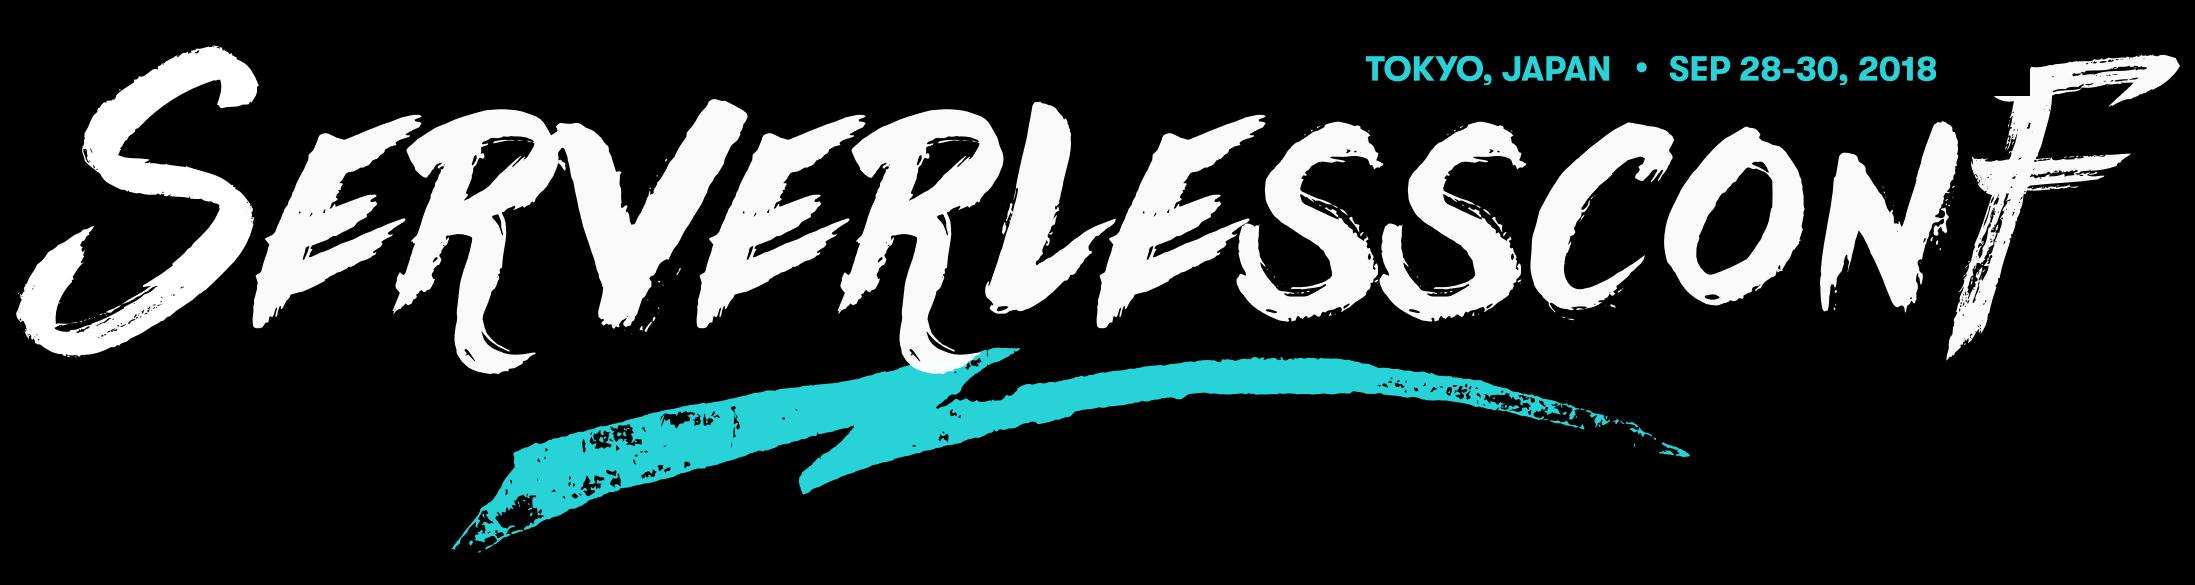 【東京 9/29】Serverlessconf Tokyo 2018で 当社 照井が登壇いたします